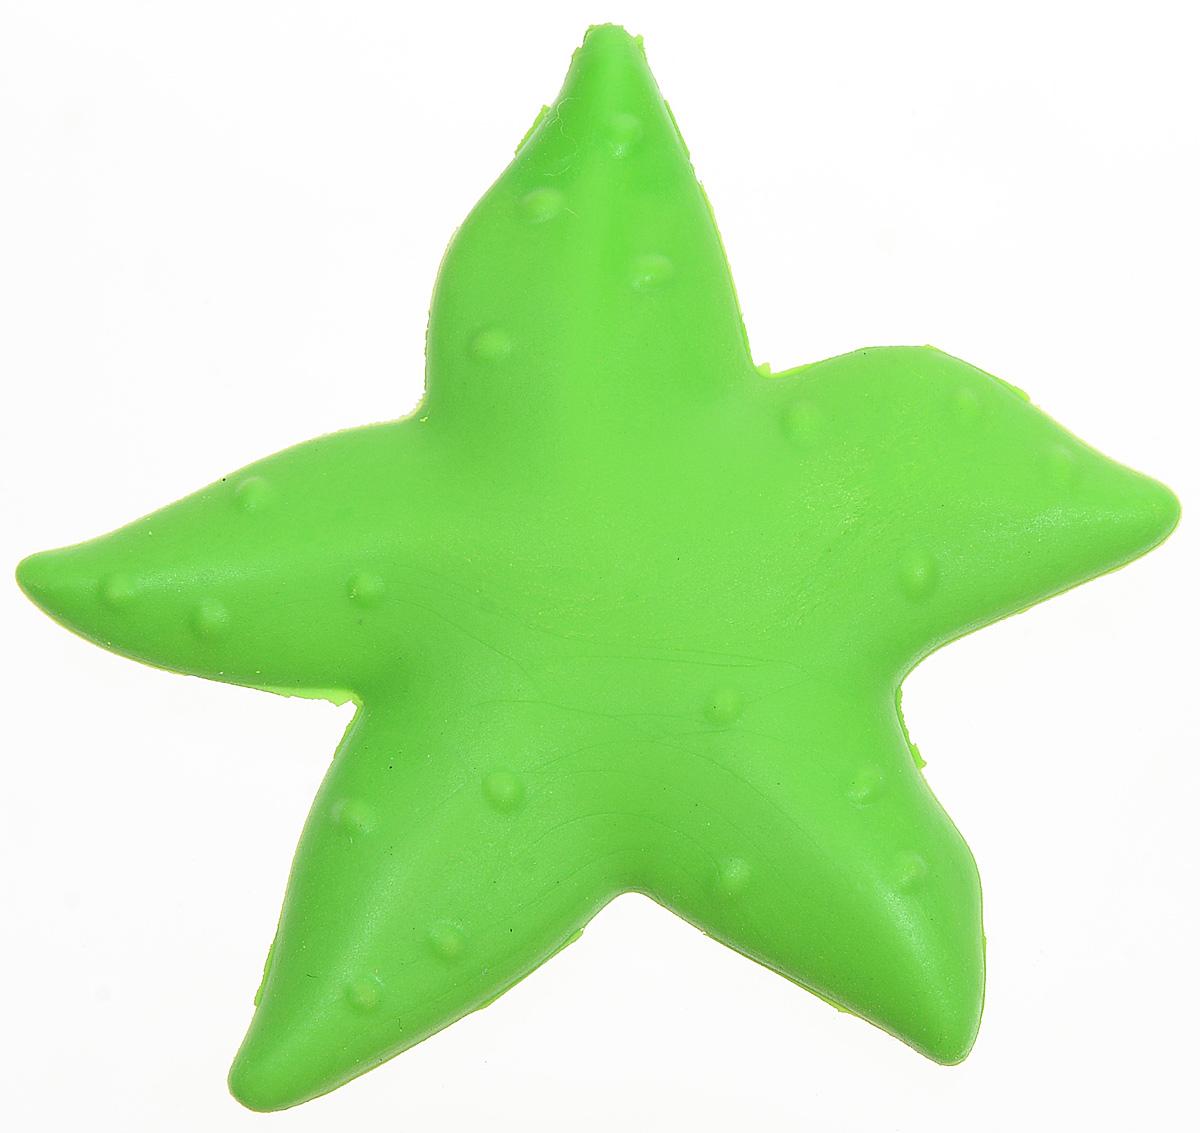 Brunnen Ластик Обитатели моря звезда цвет зеленый210323Ластик Brunnen Обитатели моря: Звезда станет незаменимым аксессуаром на рабочем столе не только школьника или студента, но и офисного работника. Он легко и без следа удаляет надписи, сделанные карандашом. Ластик имеет форму морской звезды и его очень удобно держать в руке. Такой ластик напомнит вам о море и летнем отдыхе.